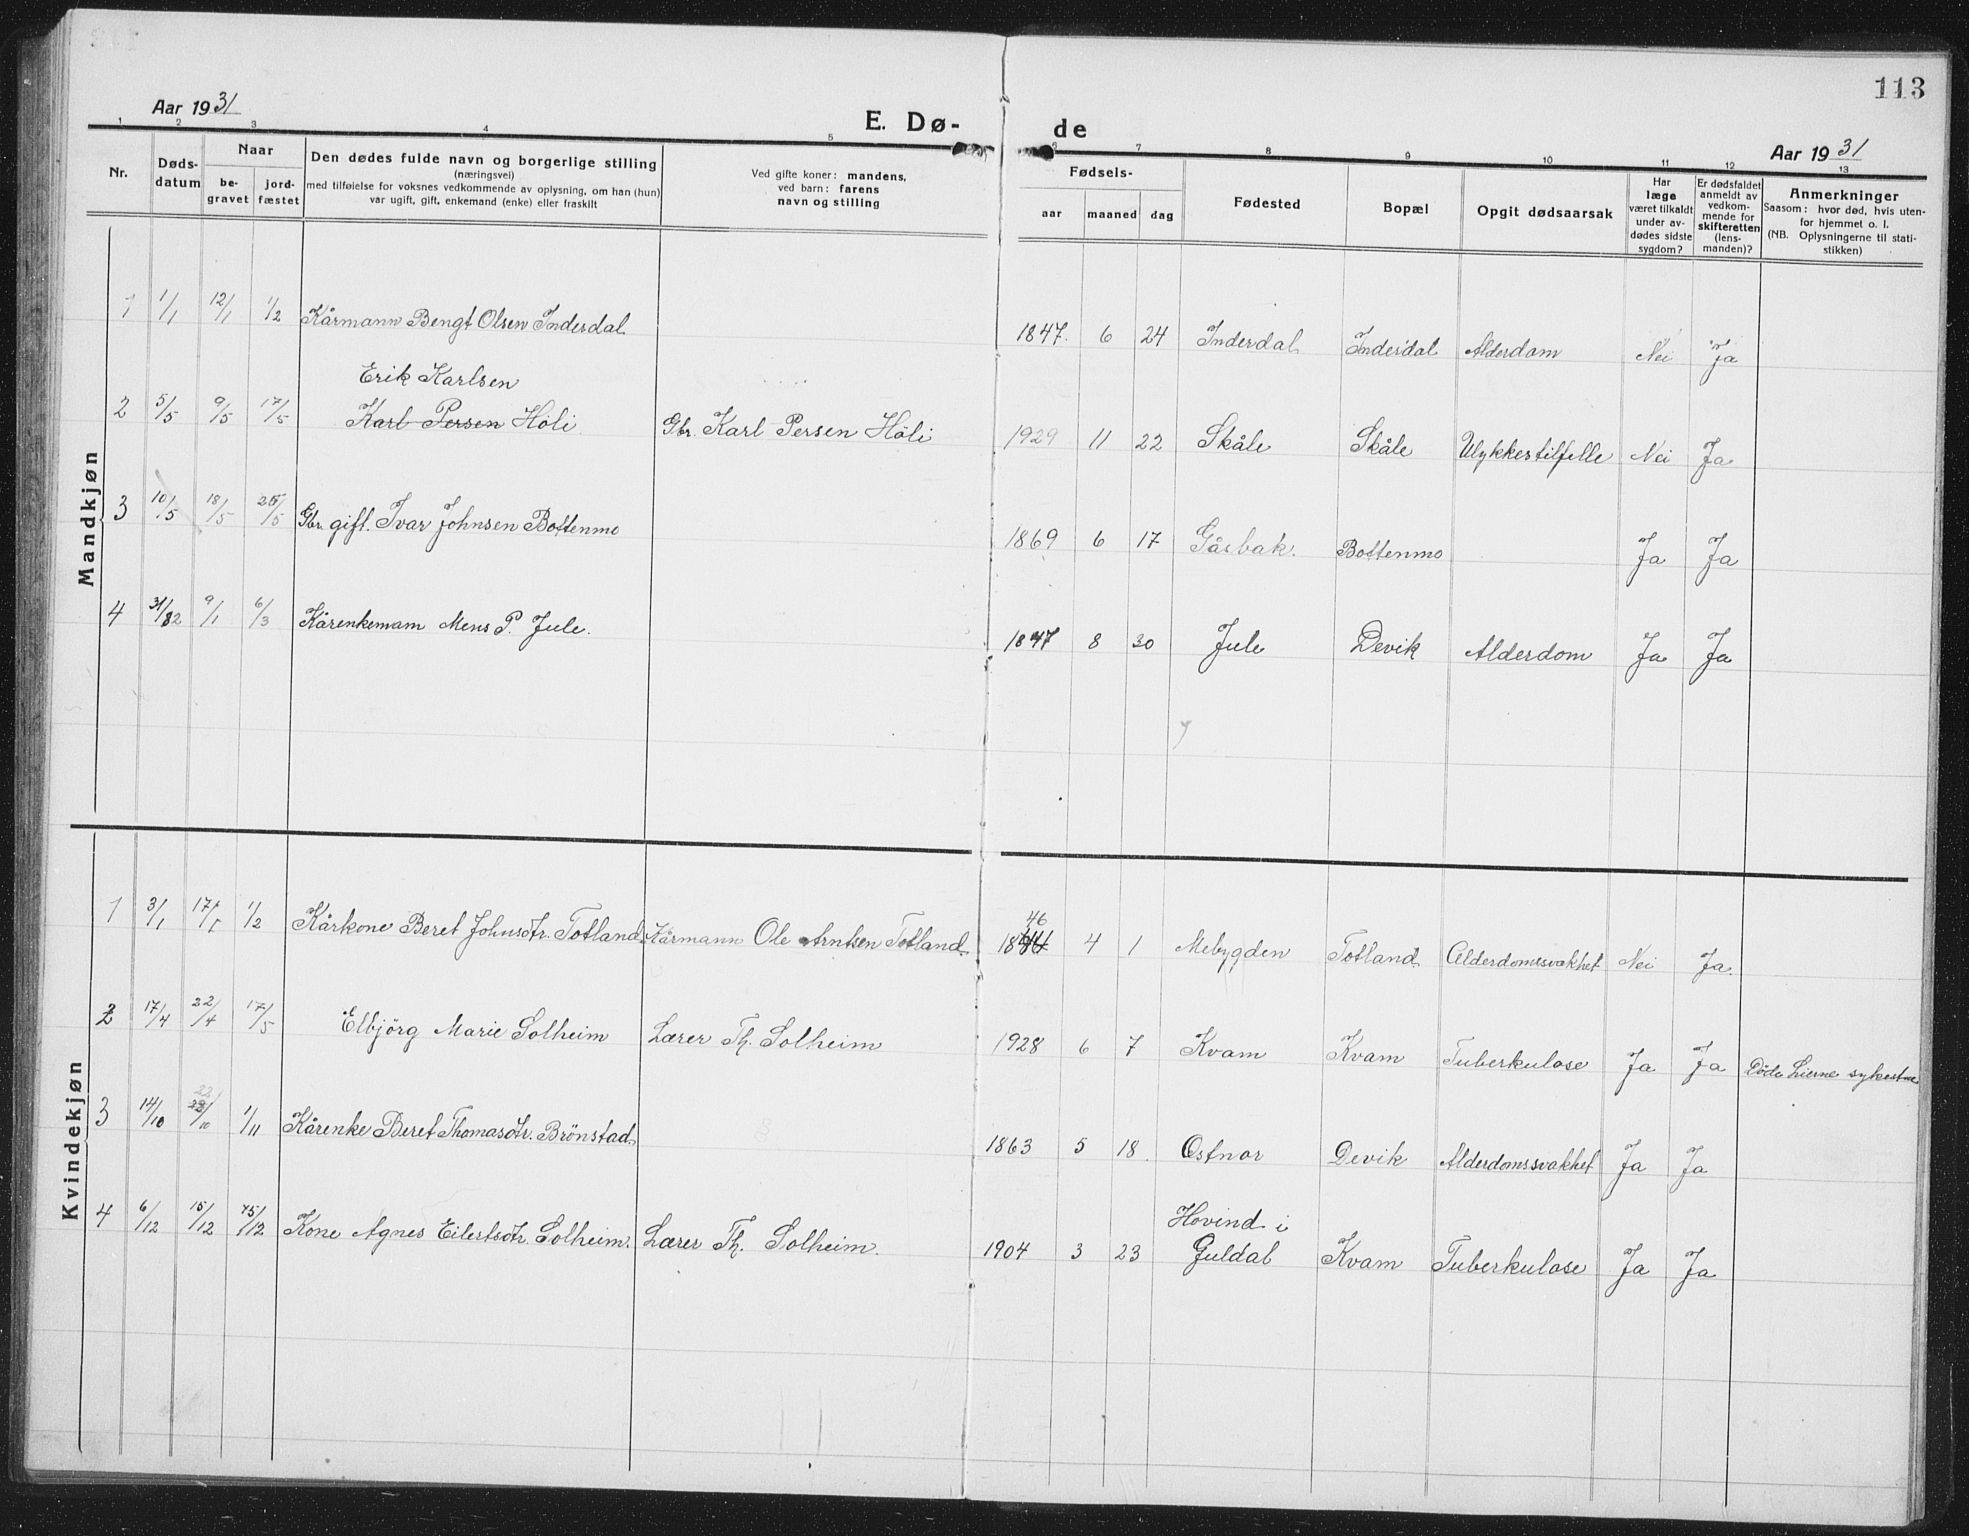 SAT, Ministerialprotokoller, klokkerbøker og fødselsregistre - Nord-Trøndelag, 757/L0507: Klokkerbok nr. 757C02, 1923-1939, s. 113